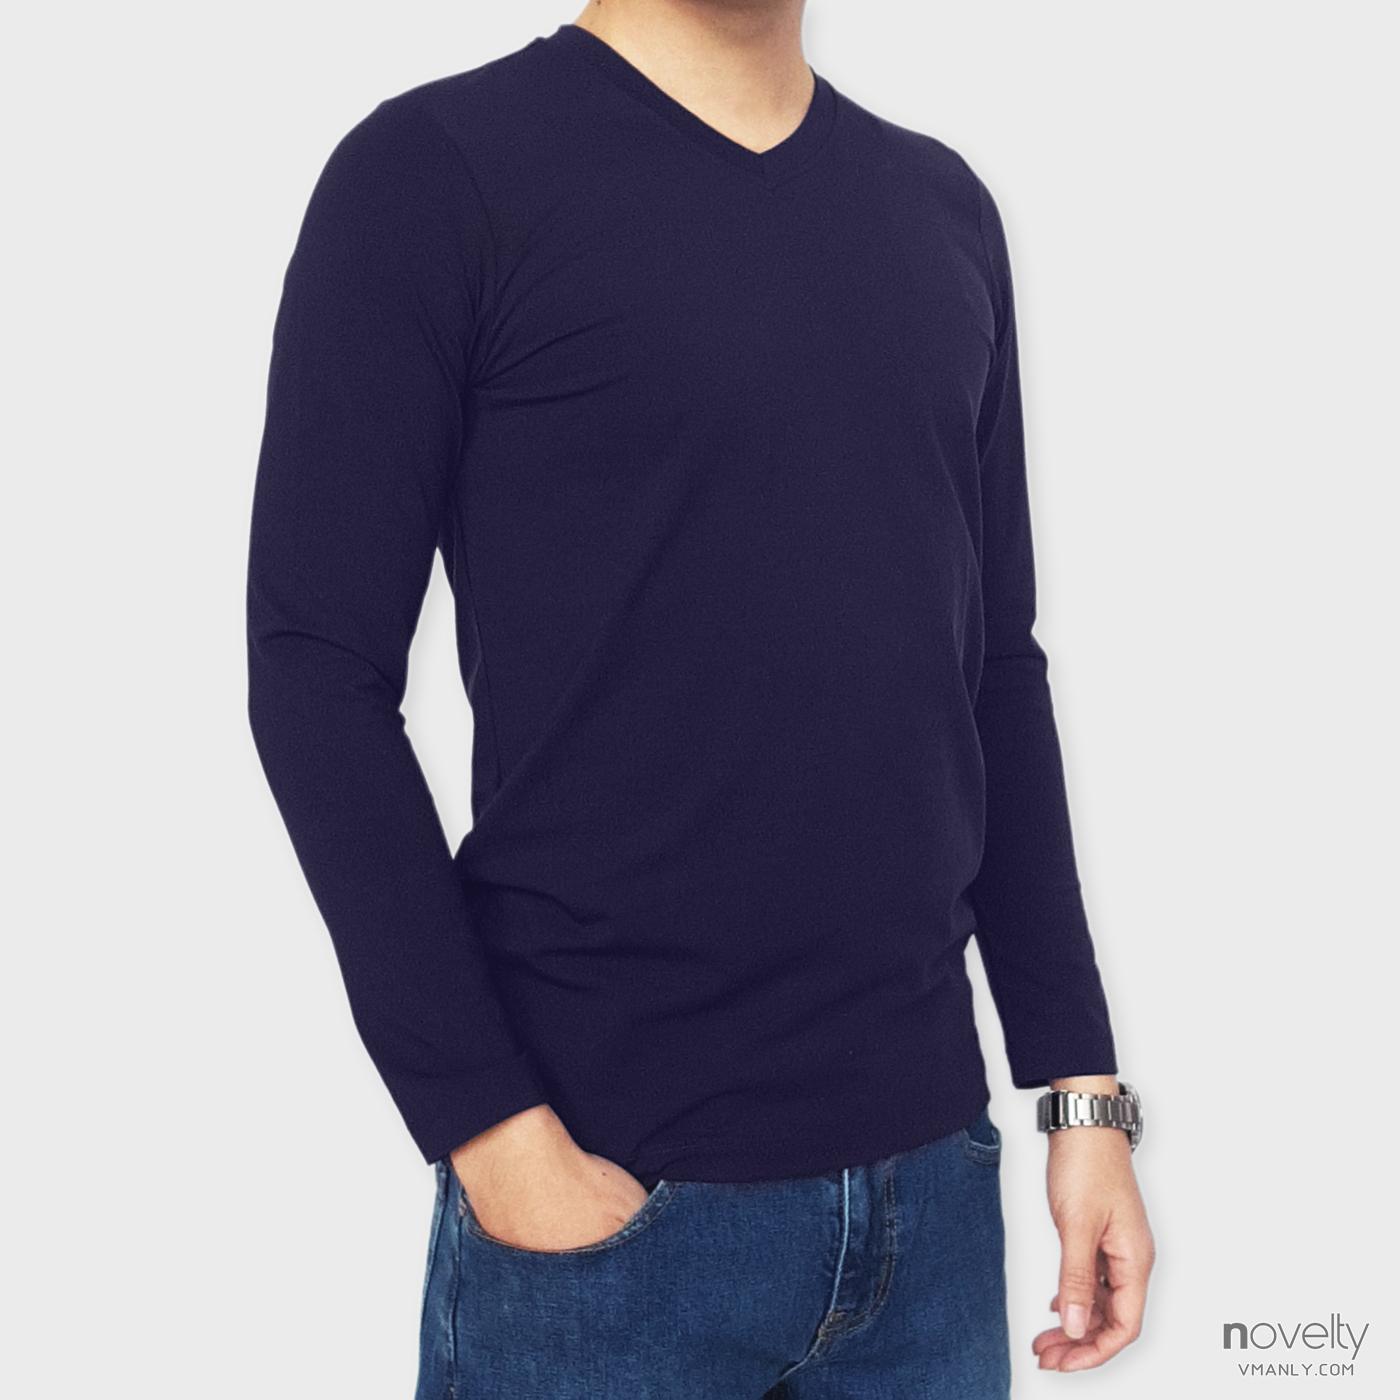 Áo thun dài tay - áo giữ nhiệt Novelty cổ tim màu xanh navy 190769D